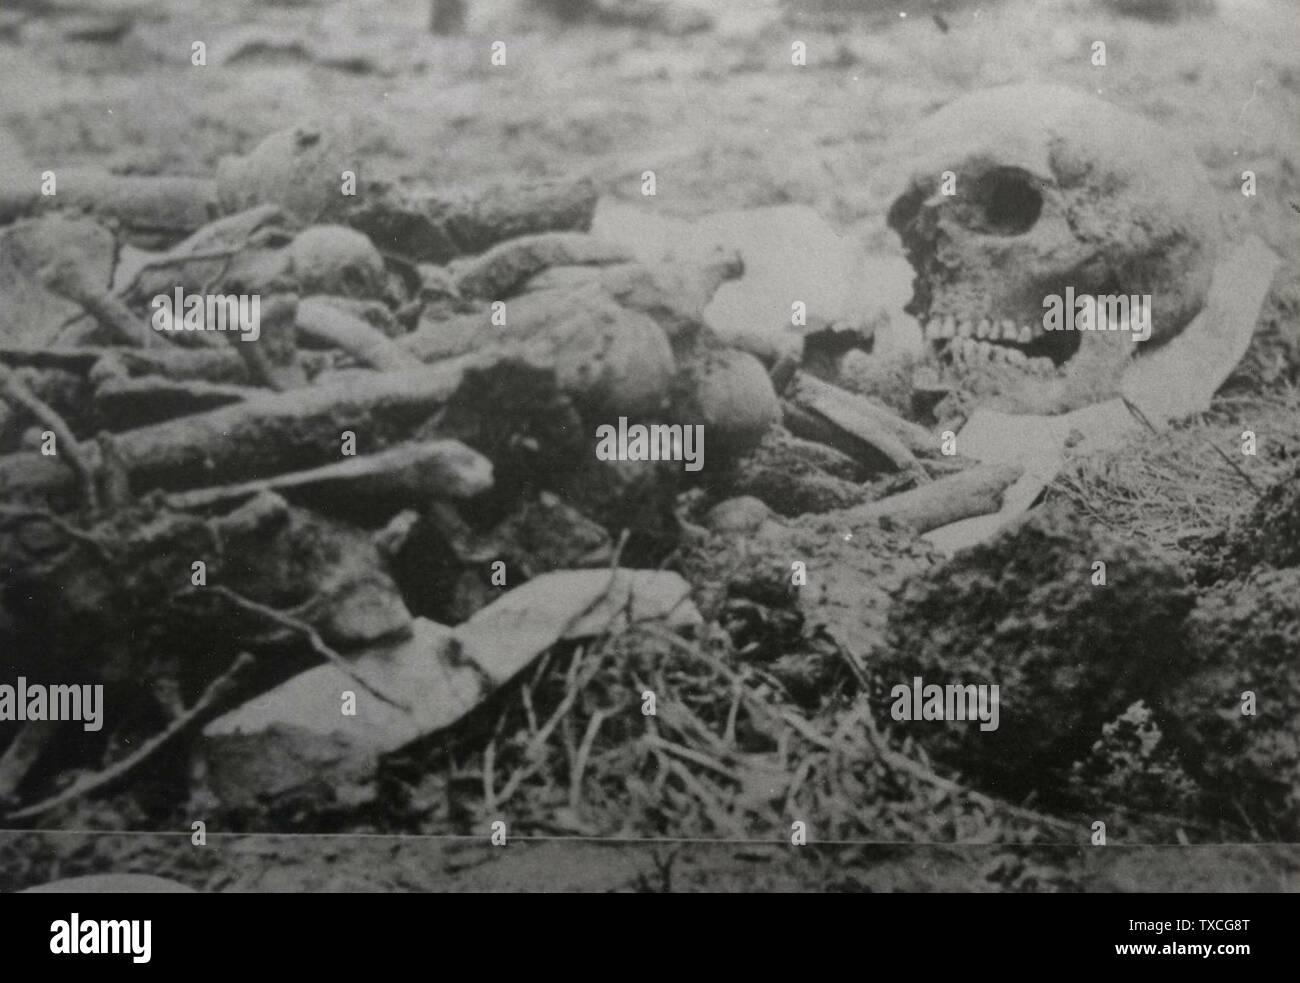 'Italiano: Riesumazione delle vittime della corriera fantasma; prima di 1969 data QS:P,+1969-00-00T00:00:00Z/7,P1326,+1969-00-00T00:00:00Z/9; http://www.centrorsi.it/notizie/Archivio-storico/Documenti-riguardanti-la-corriera-fantasma-maggio-1945.html; sconosciuto; ' Immagini Stock